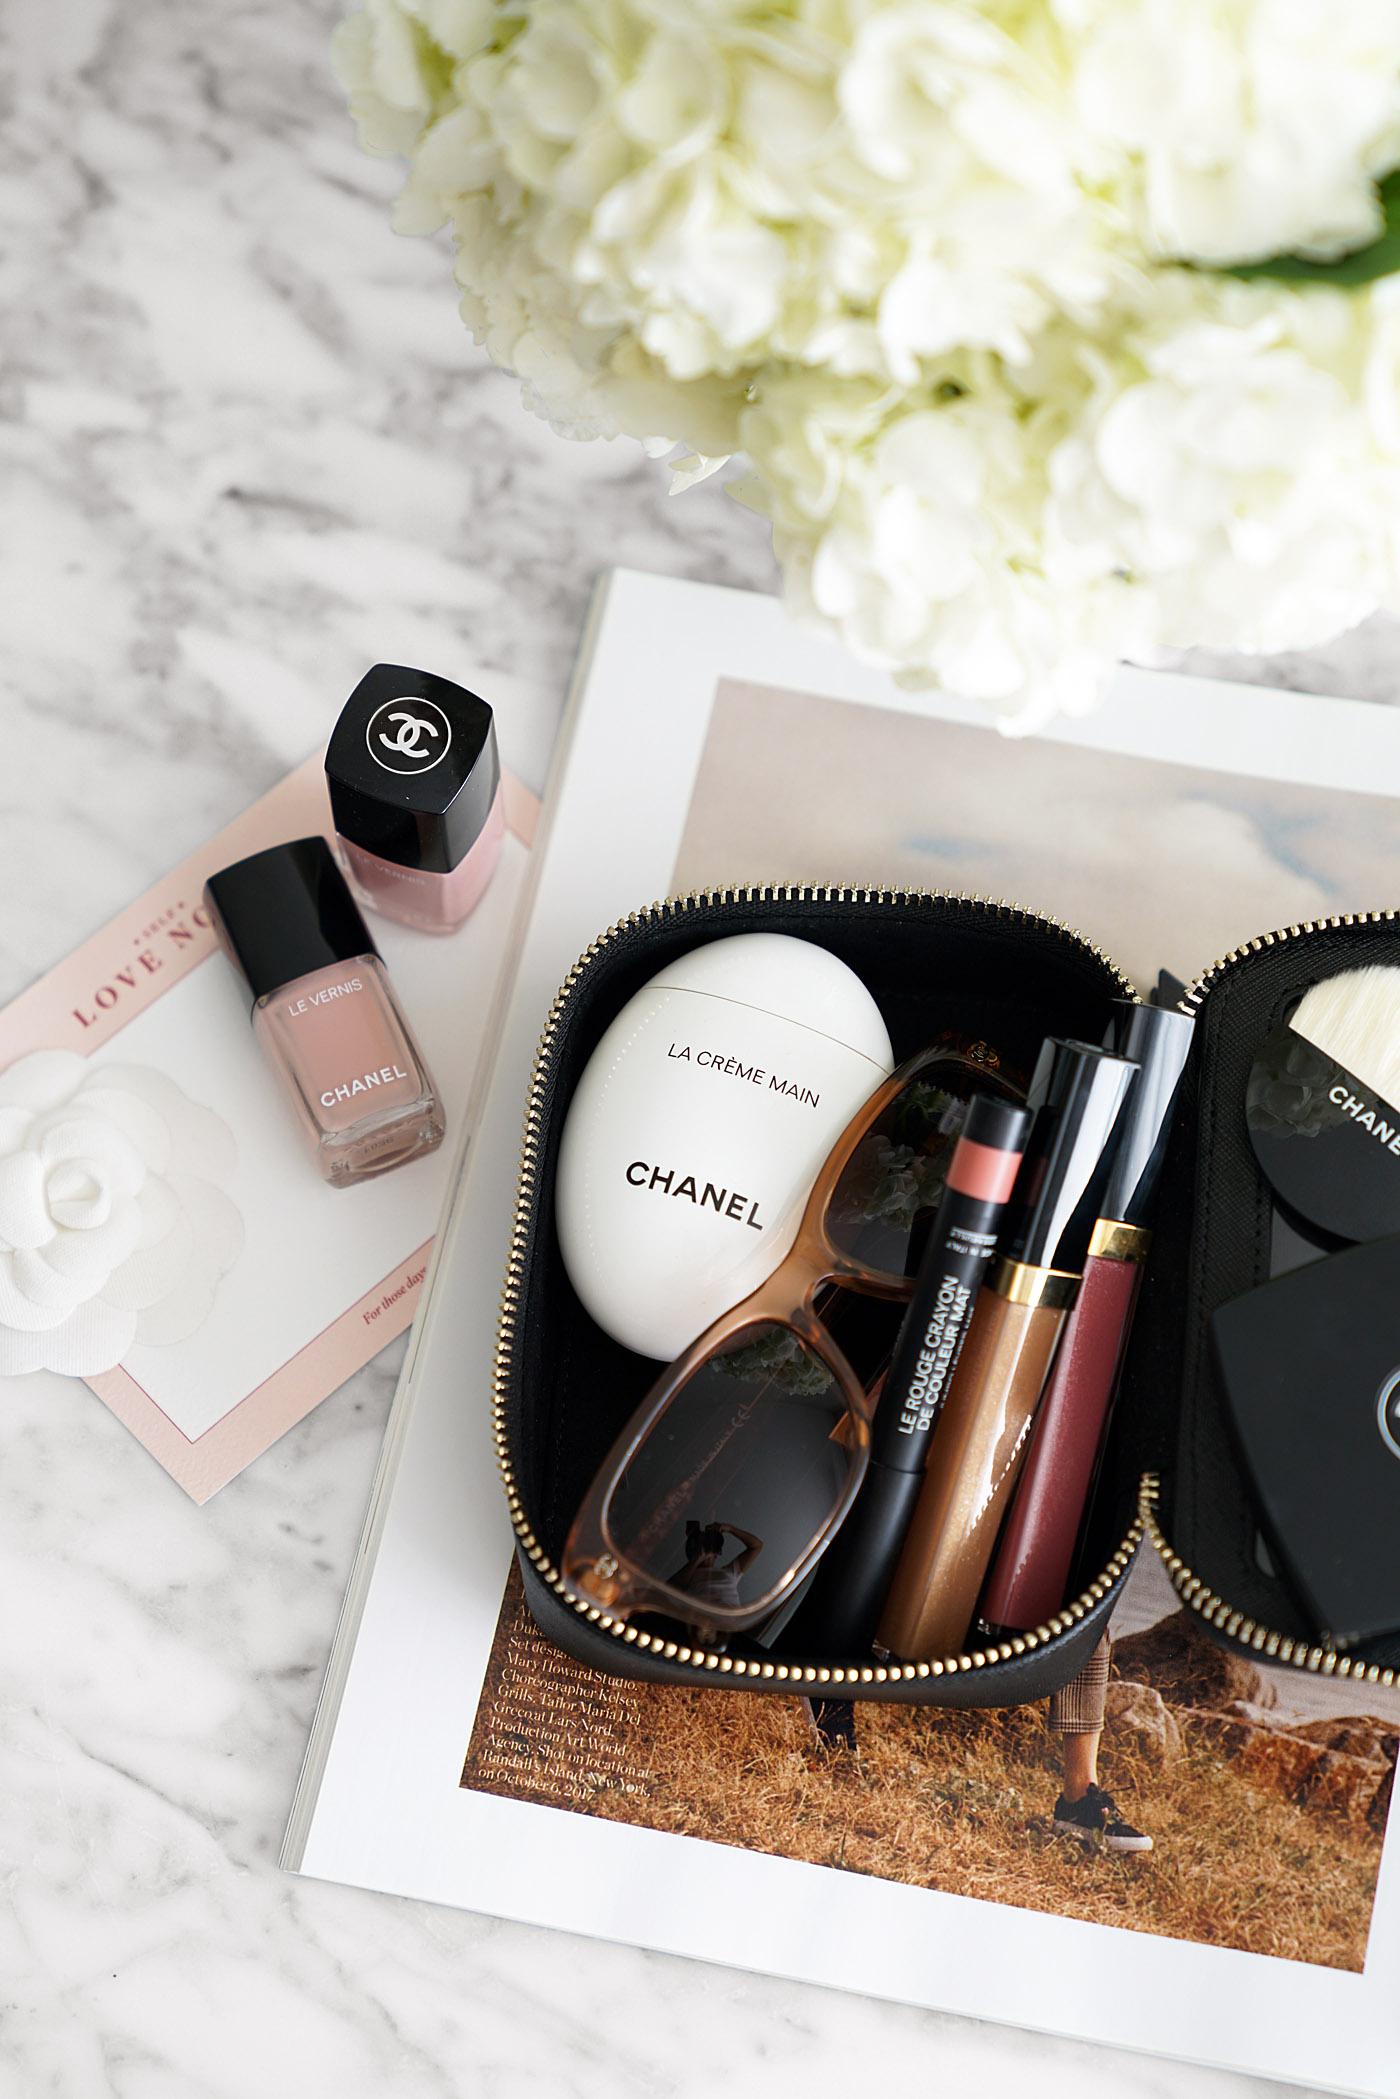 Chanel La Creme Main Cream Review